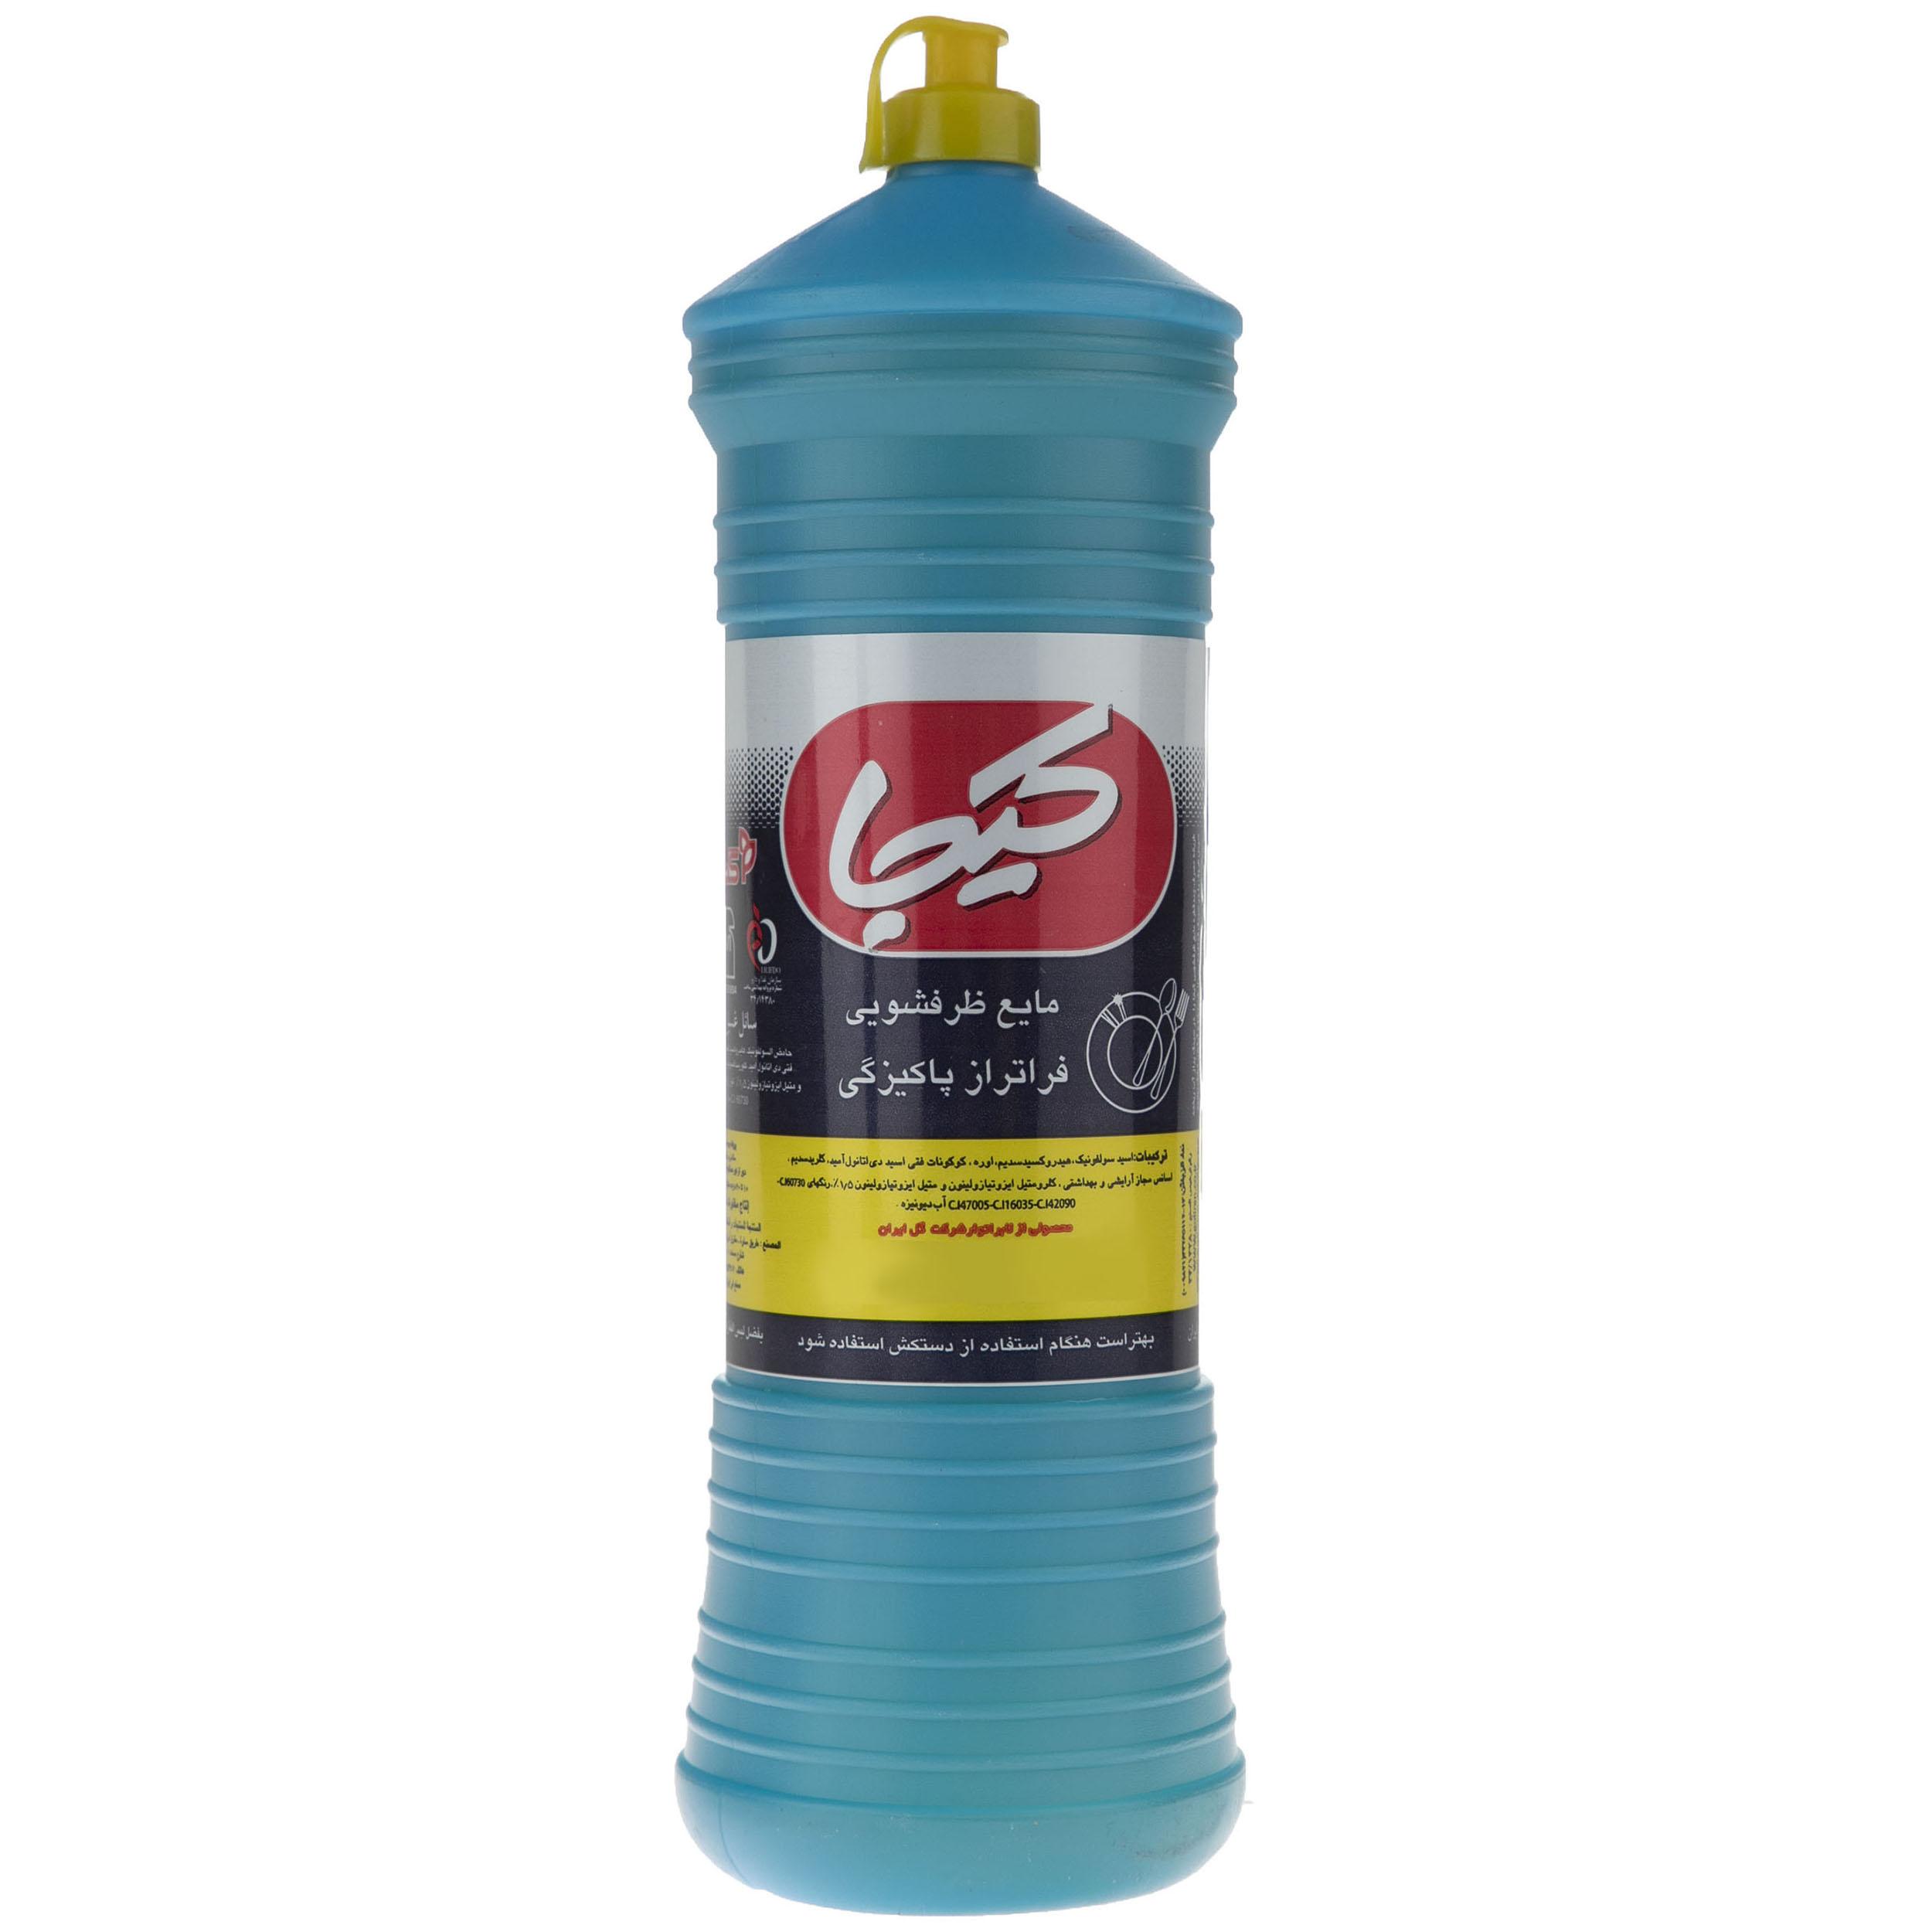 مایع ظرفشویی کیجا مدل Blue مقدار 750 گرم